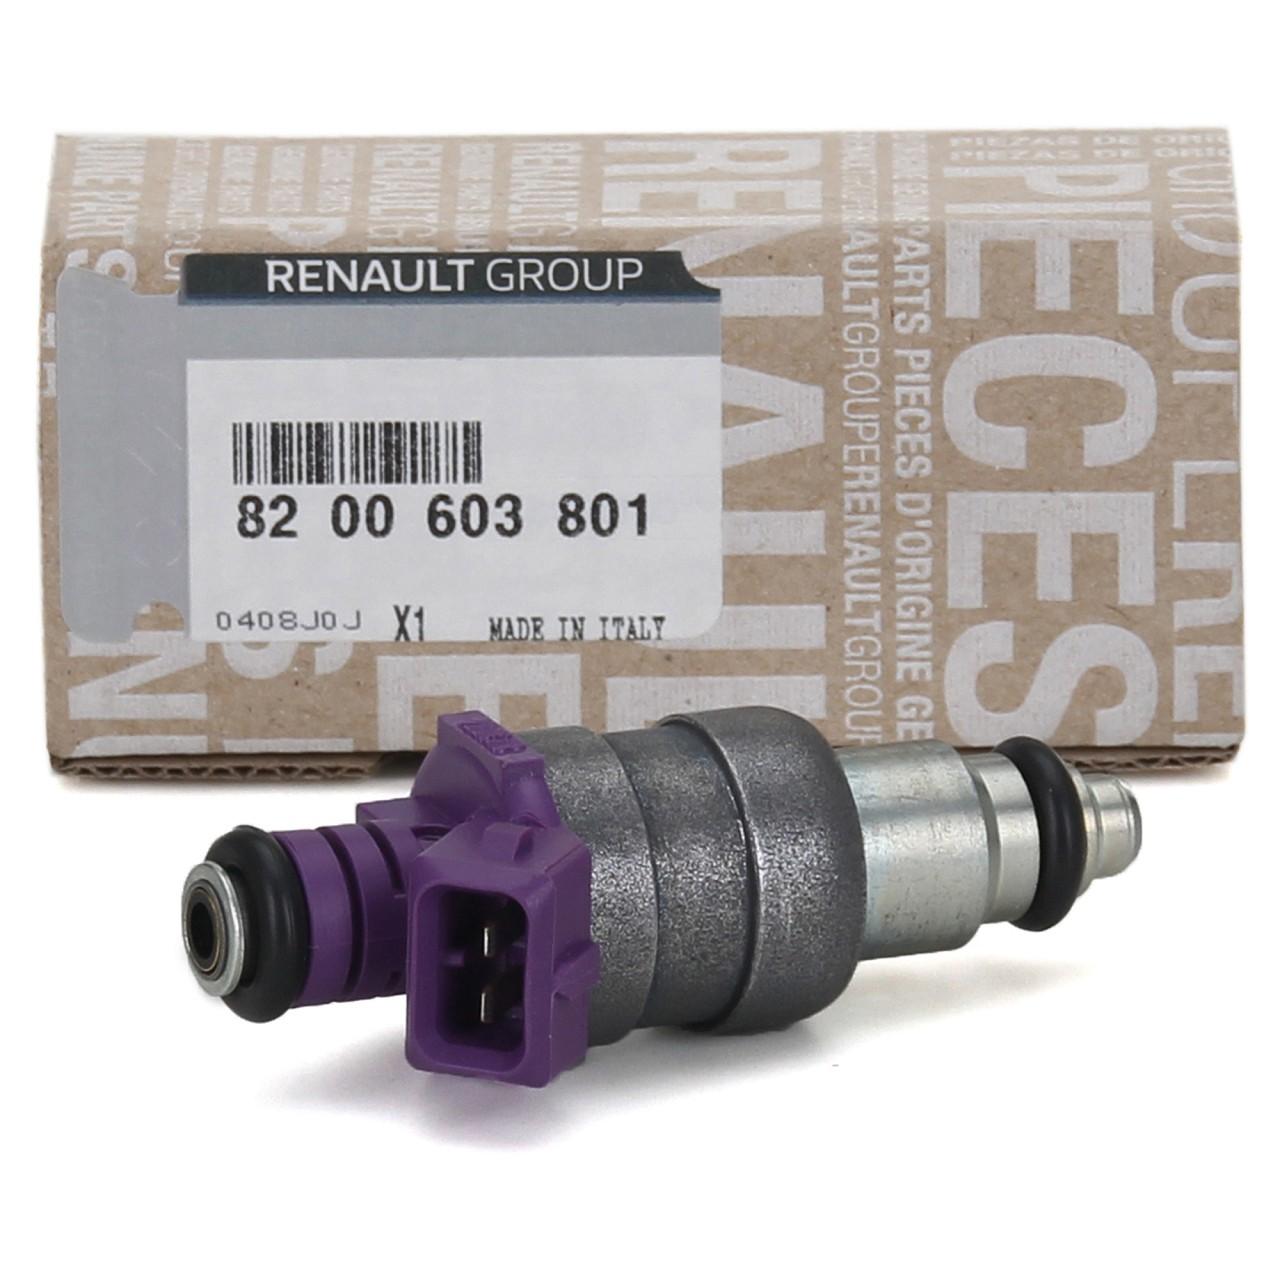 ORIGINAL Renault Einspritzdüse Einspritzventil 1.2 16V 8200603801